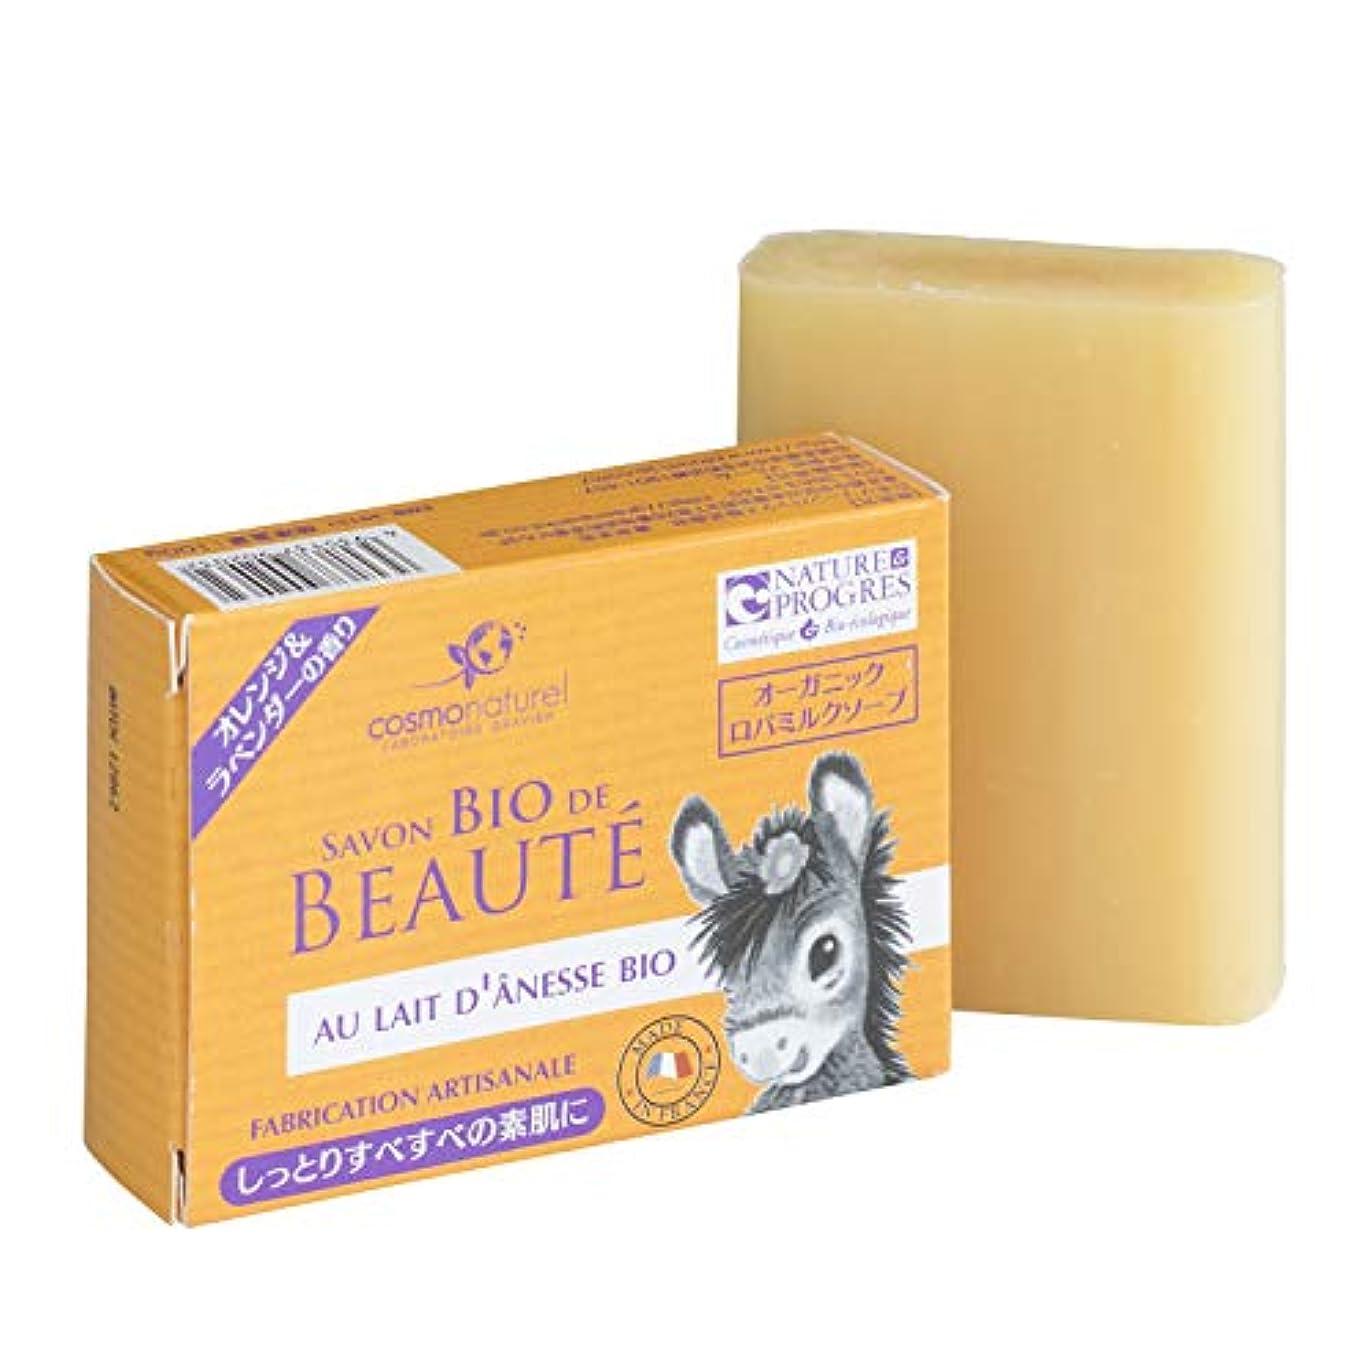 ハブブ増幅病コスモナチュレル オーガニック ロバミルクソープ オレンジ&ラベンダーの香り 100g